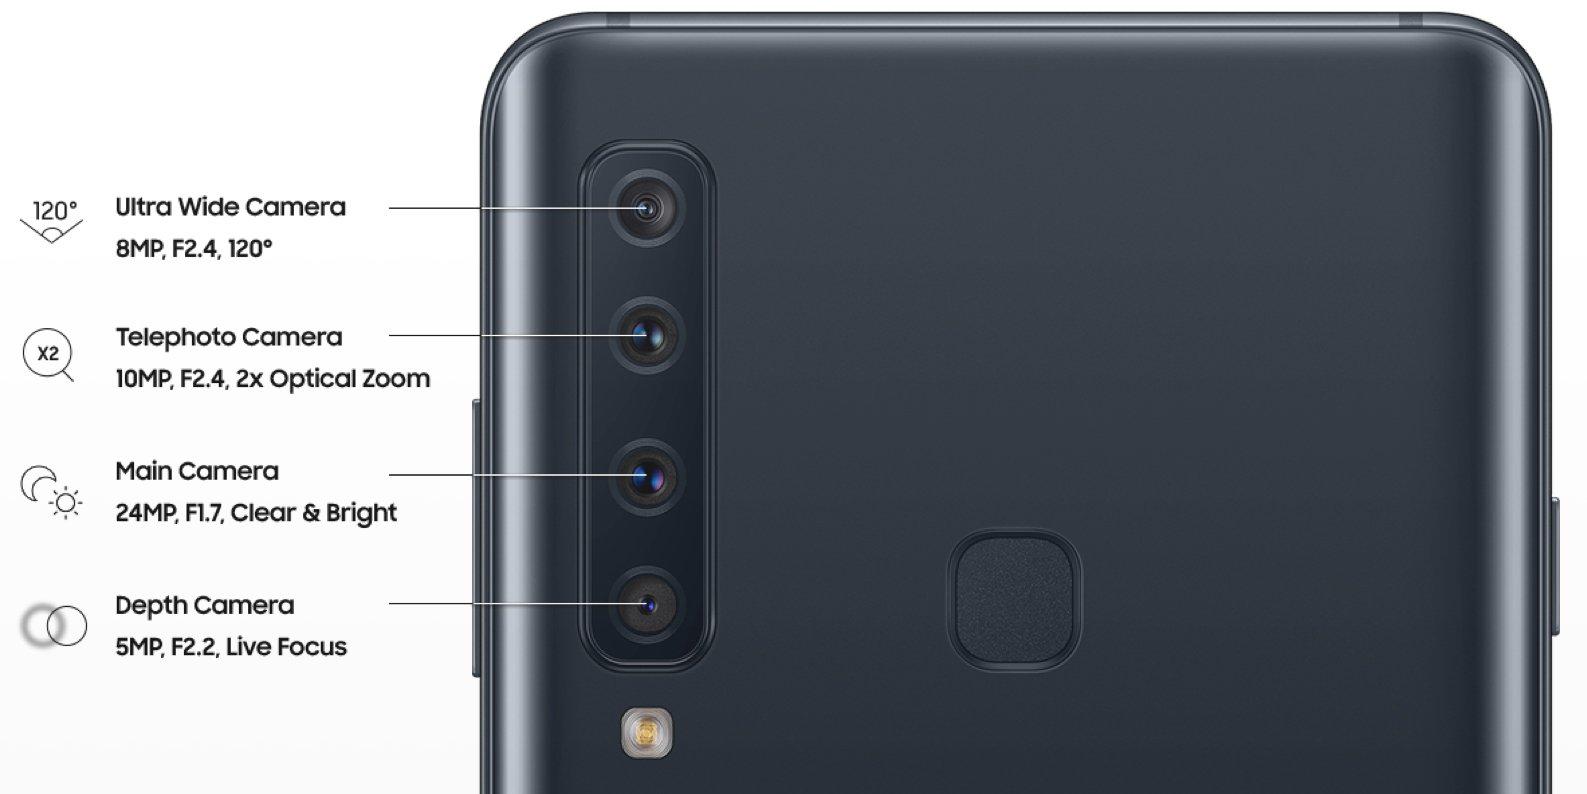 Cztery aparaty w Samsungu Galaxy A9 (2018)